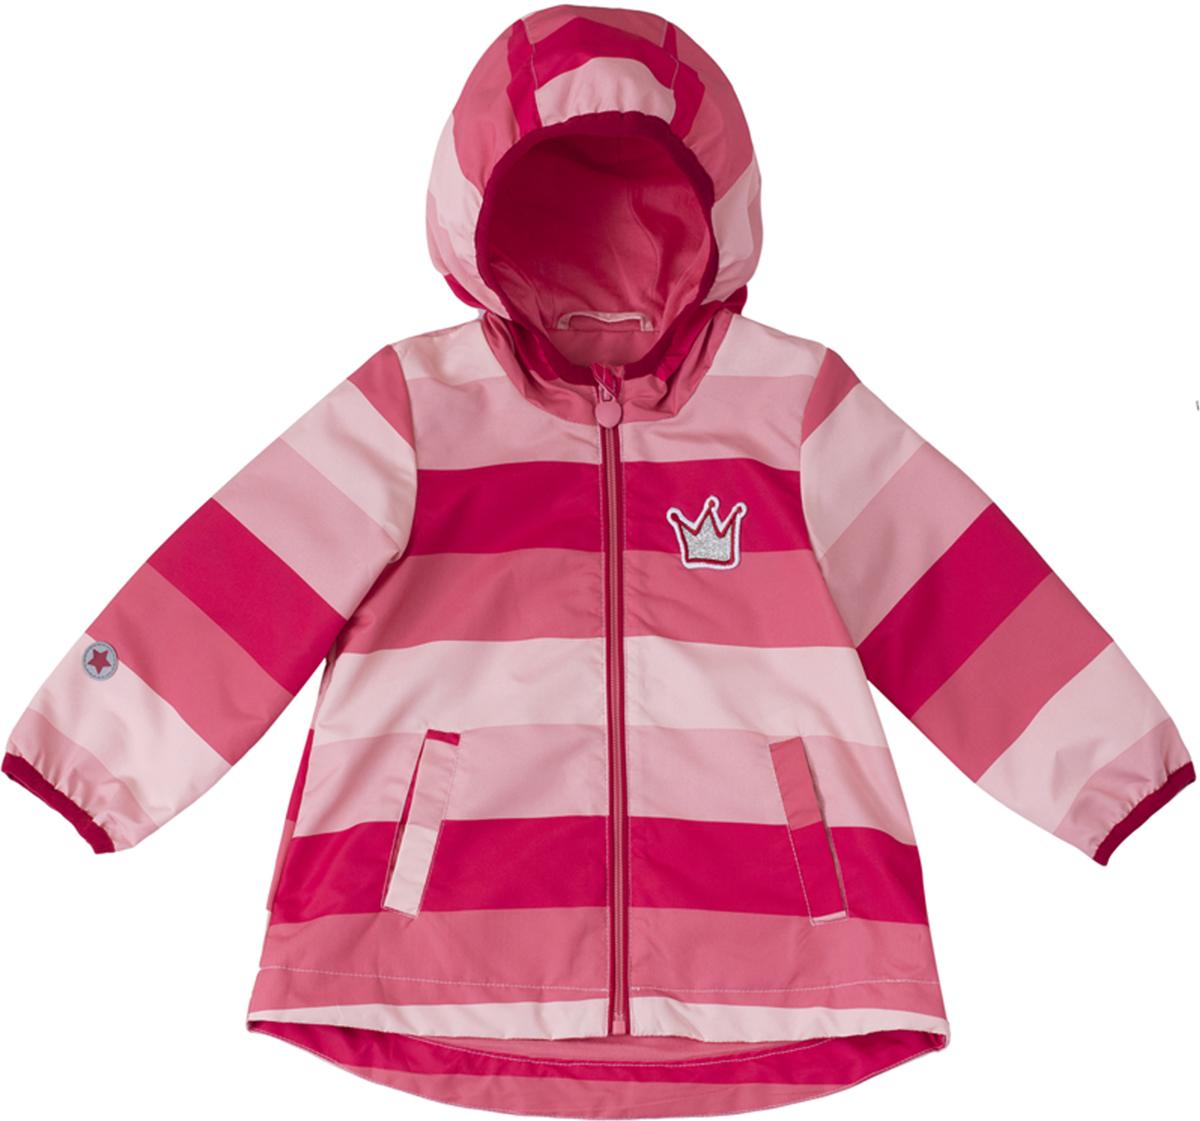 Куртка для девочки PlayToday, цвет: красный, розовый. 188007. Размер 86188007